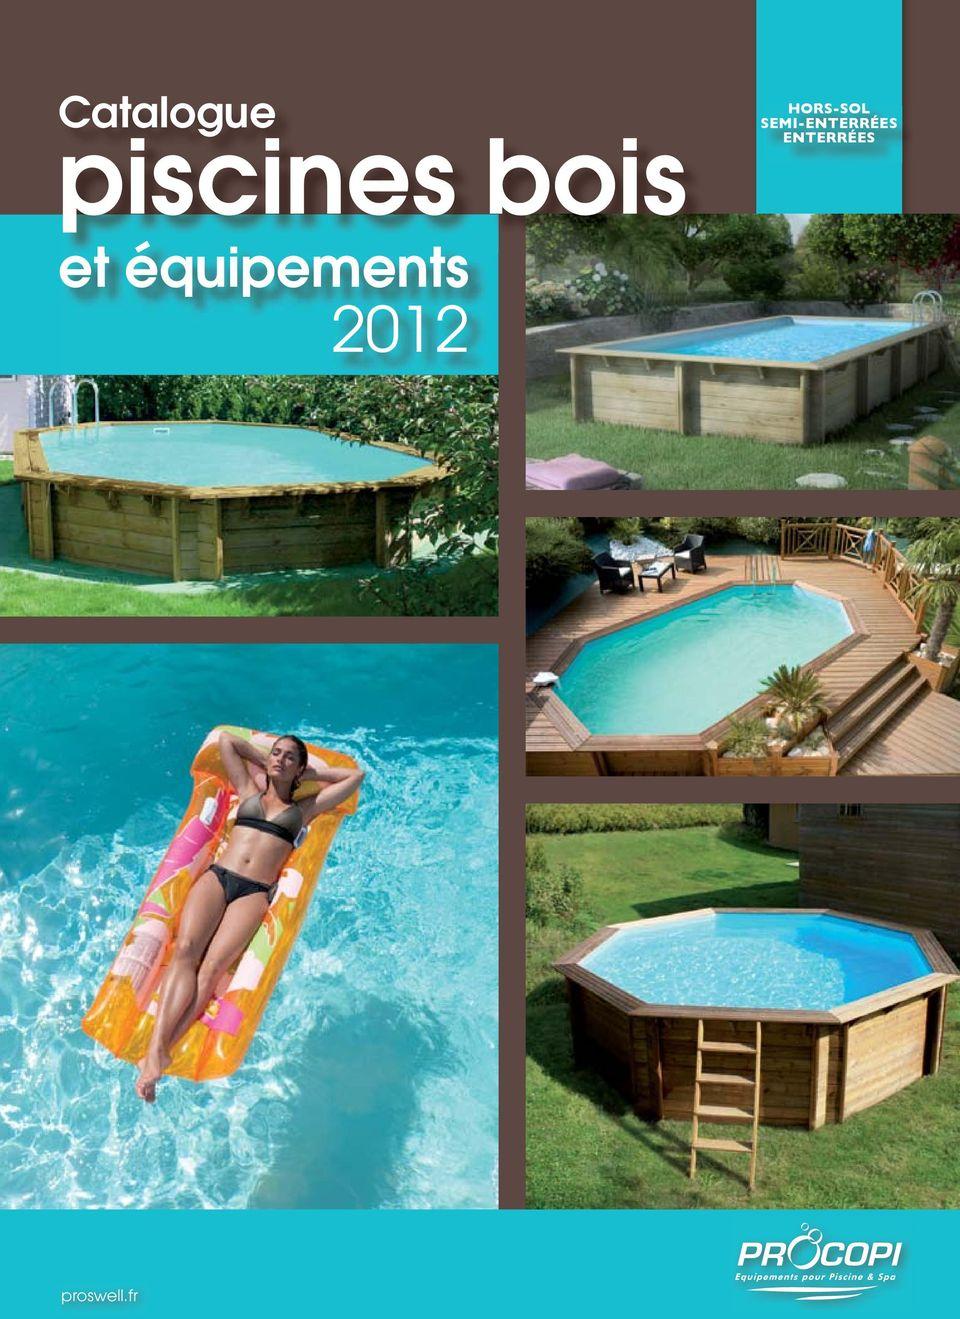 Catalogue. Hors-Sol Semi-Enterrées Enterrées. Piscines Bois ... tout Piscine Proswell